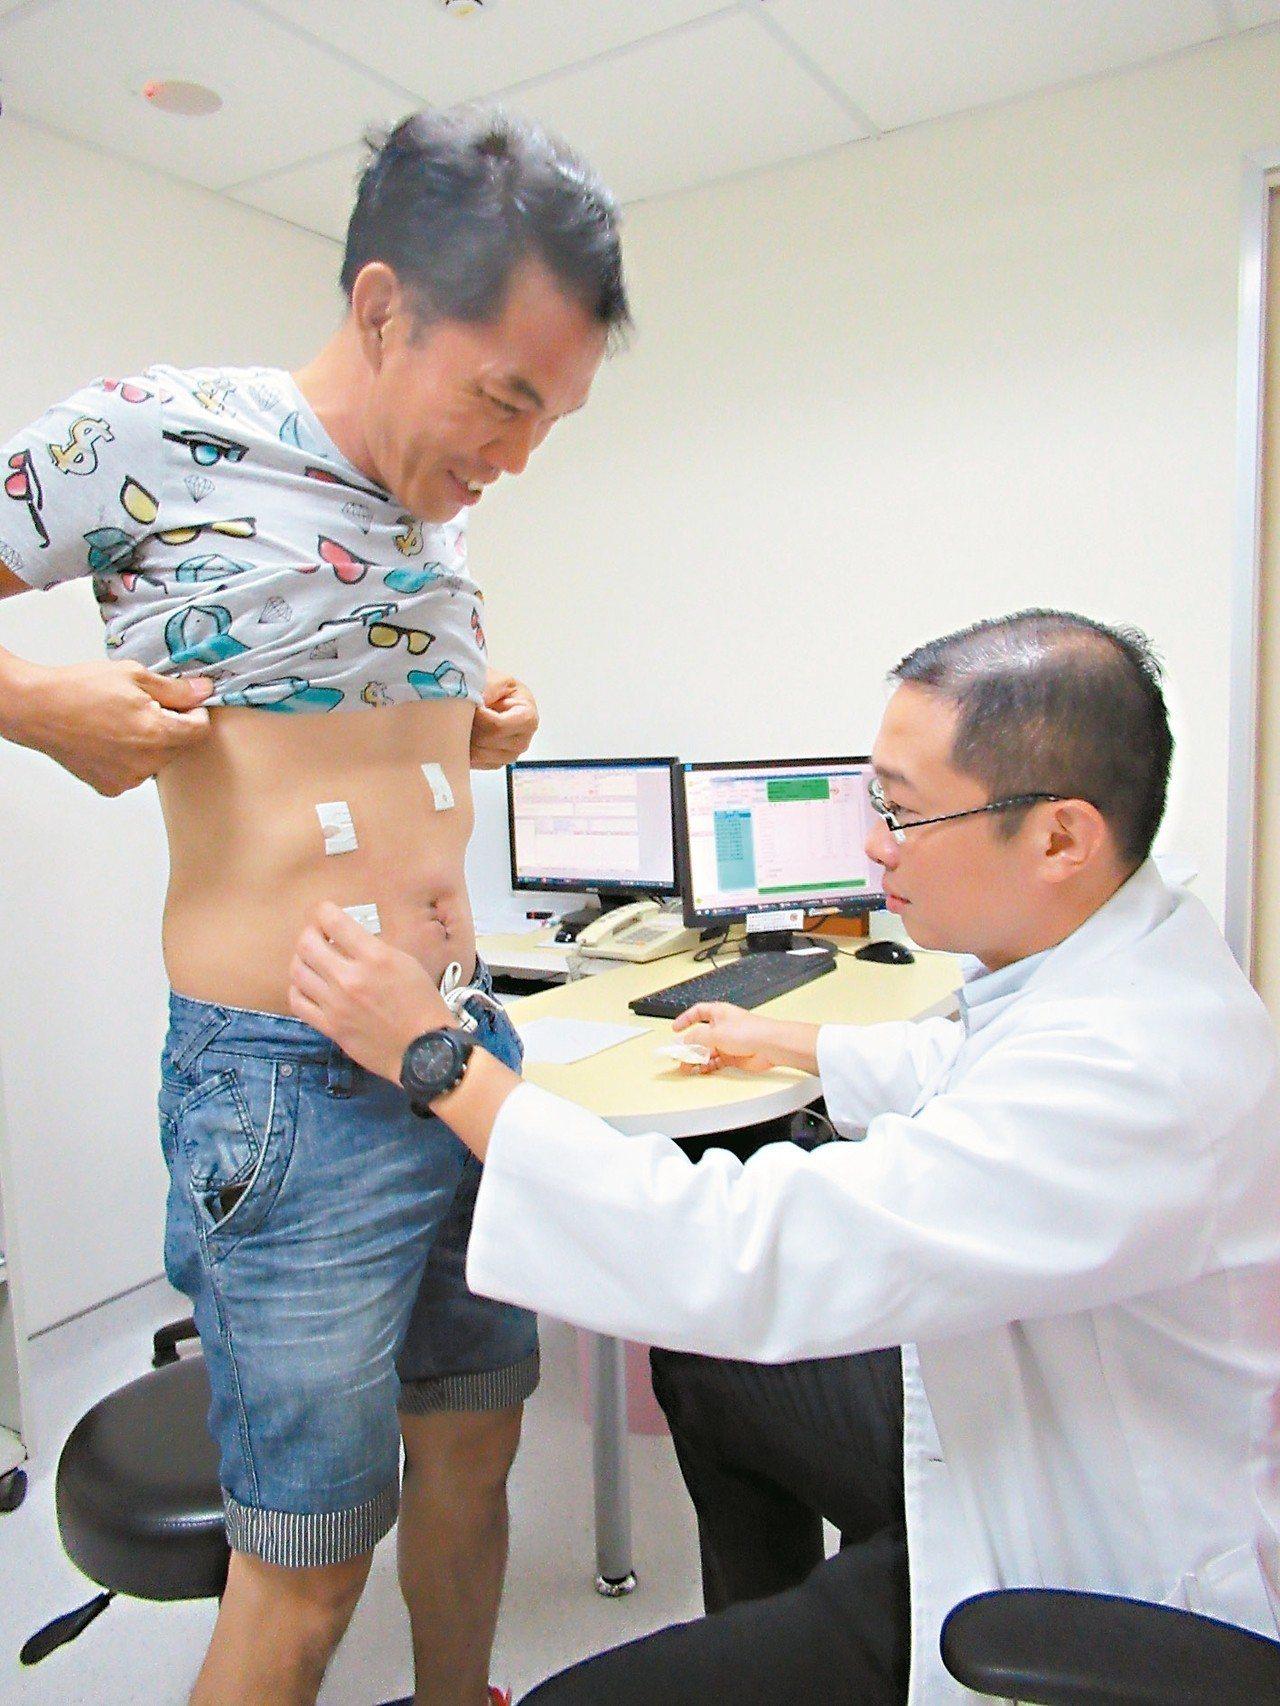 微創腹腔鏡手術僅四個小傷口,在門診就可護理。 圖/彰化秀傳醫院提供